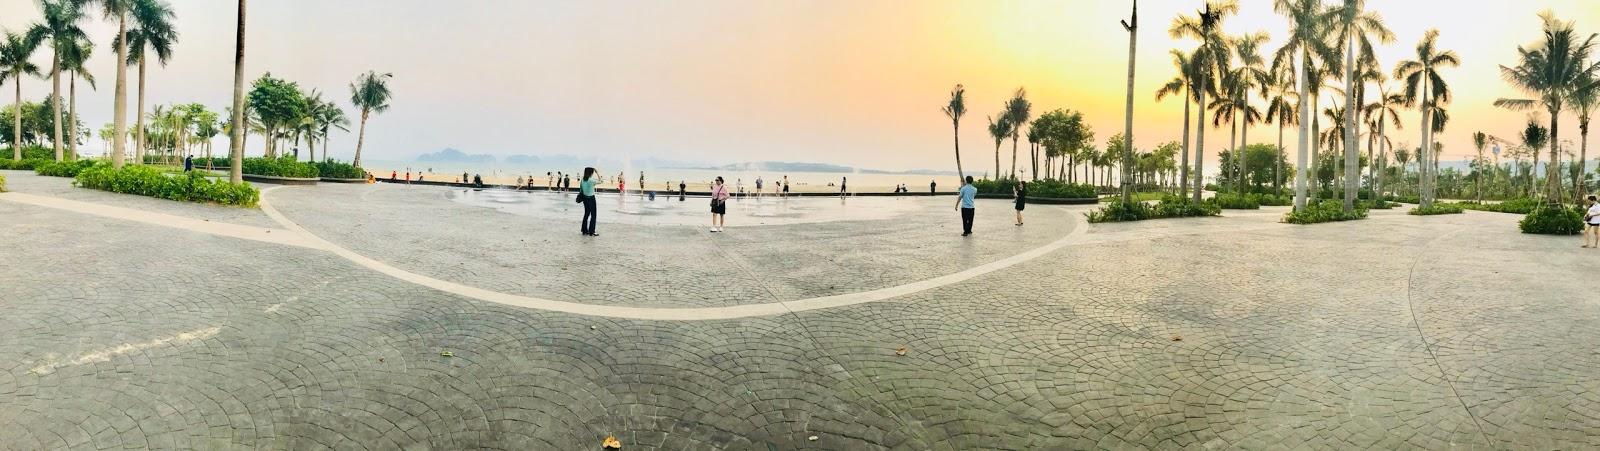 Khu quảng trường biển